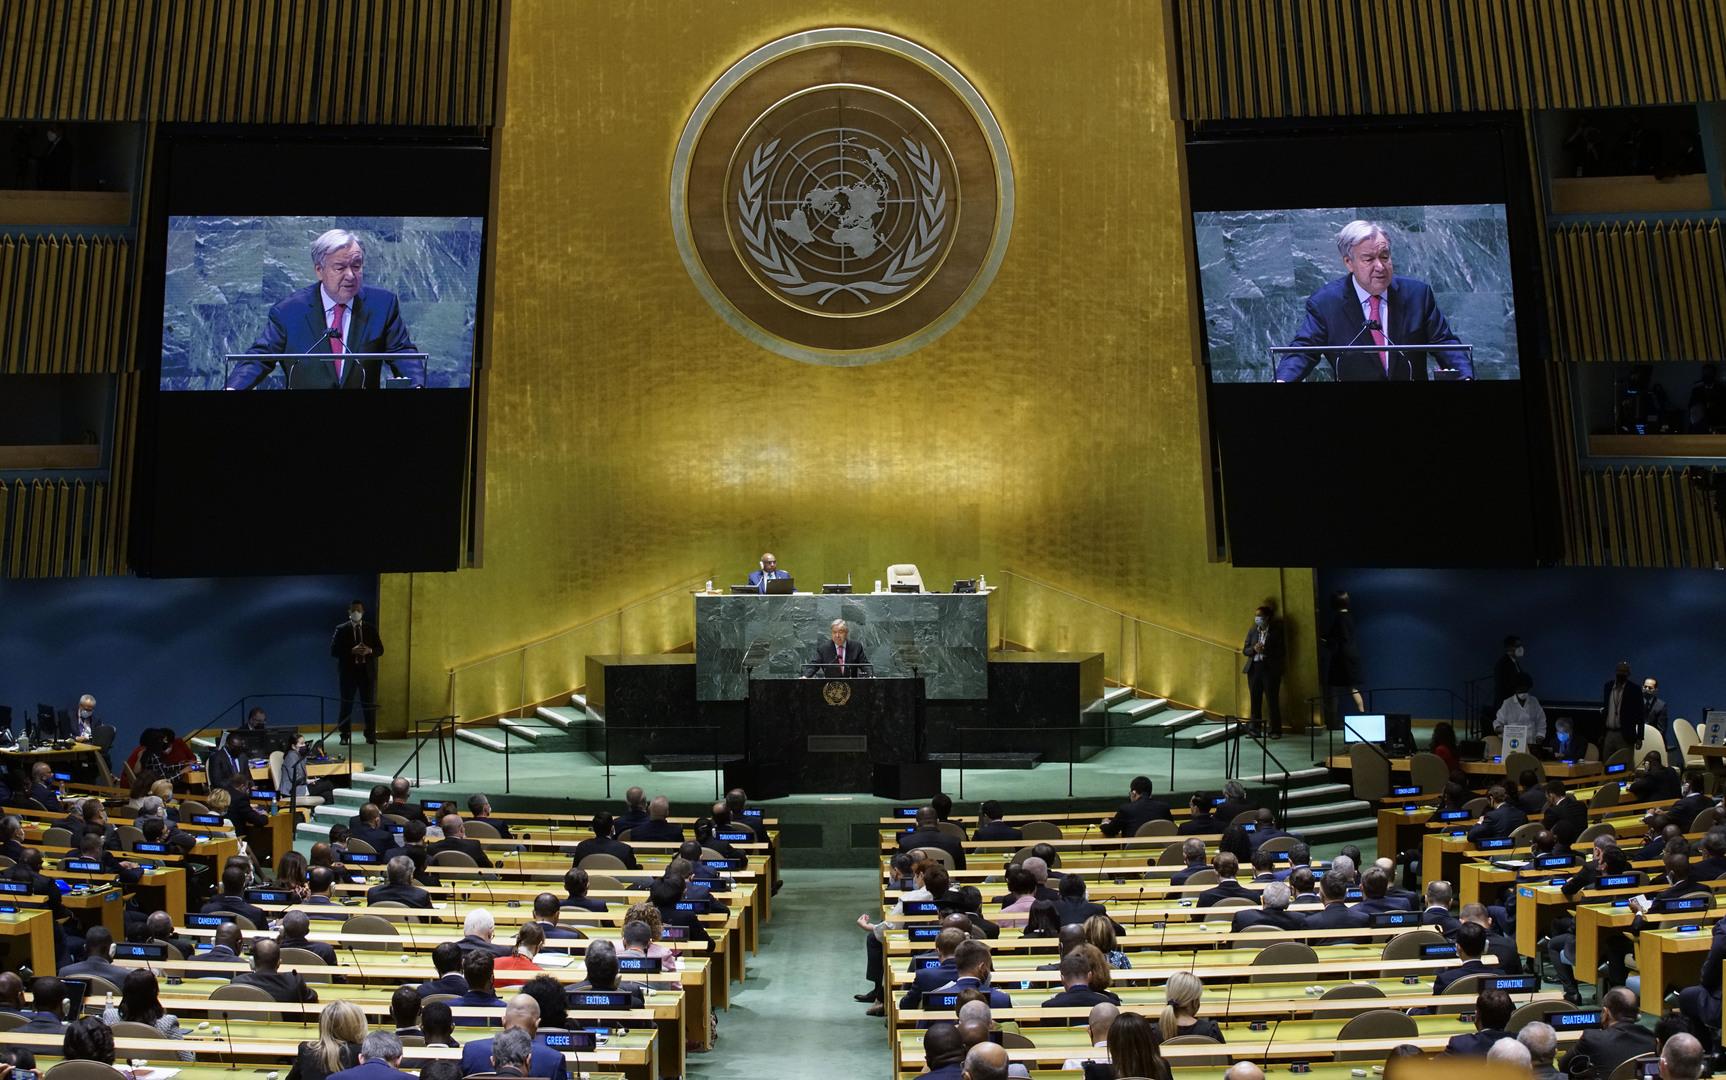 انطلاق مناقشات الأسبوع الرفيع المستوى ضمن إطار الجمعية العامة للأمم المتحدة في نيويورك